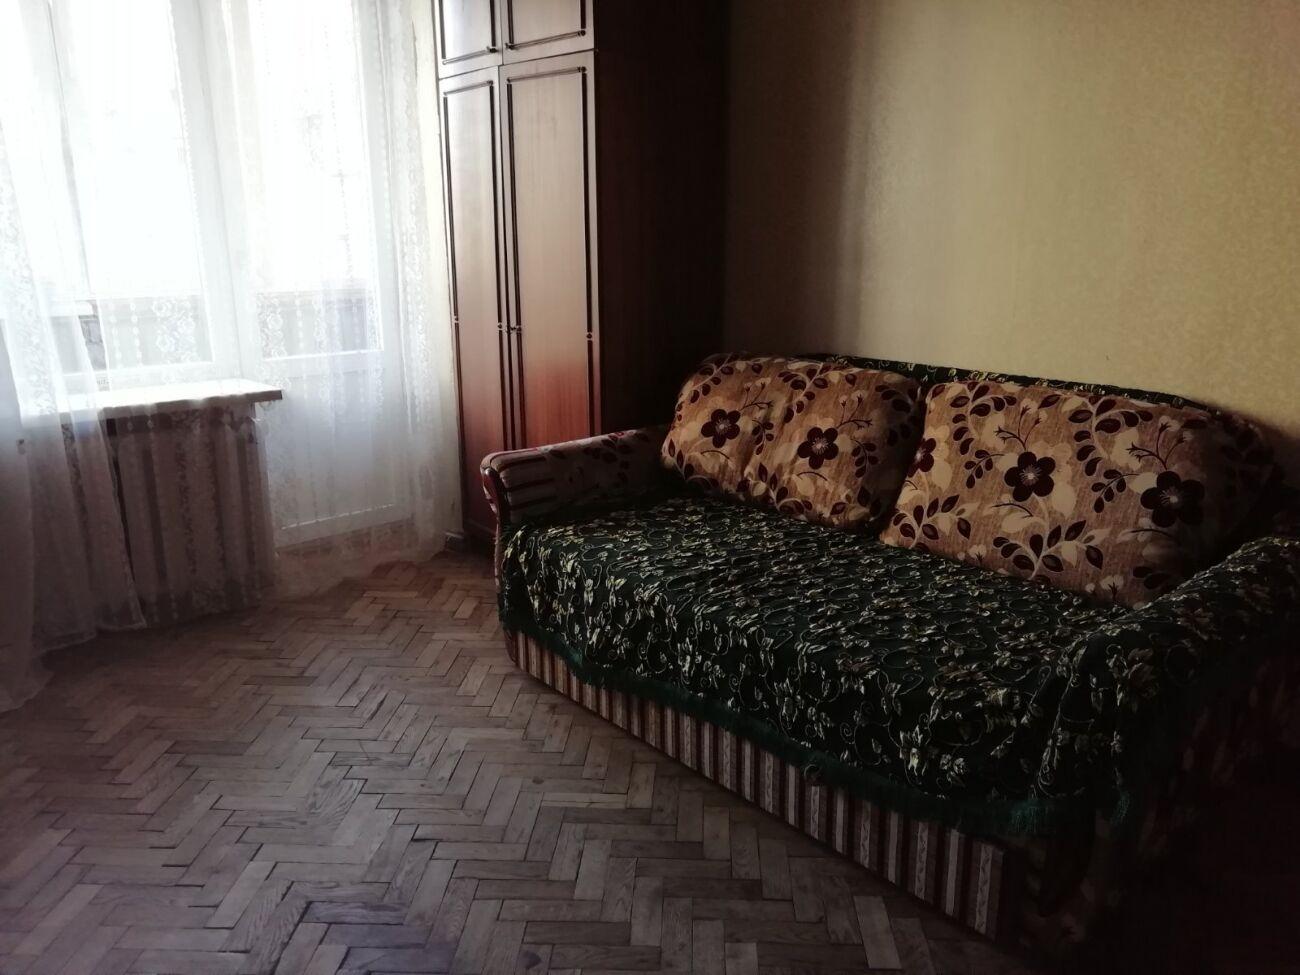 Сдам комнату в 2х. ком. кв,для девушки. ул.Заболотного. м. Теремки